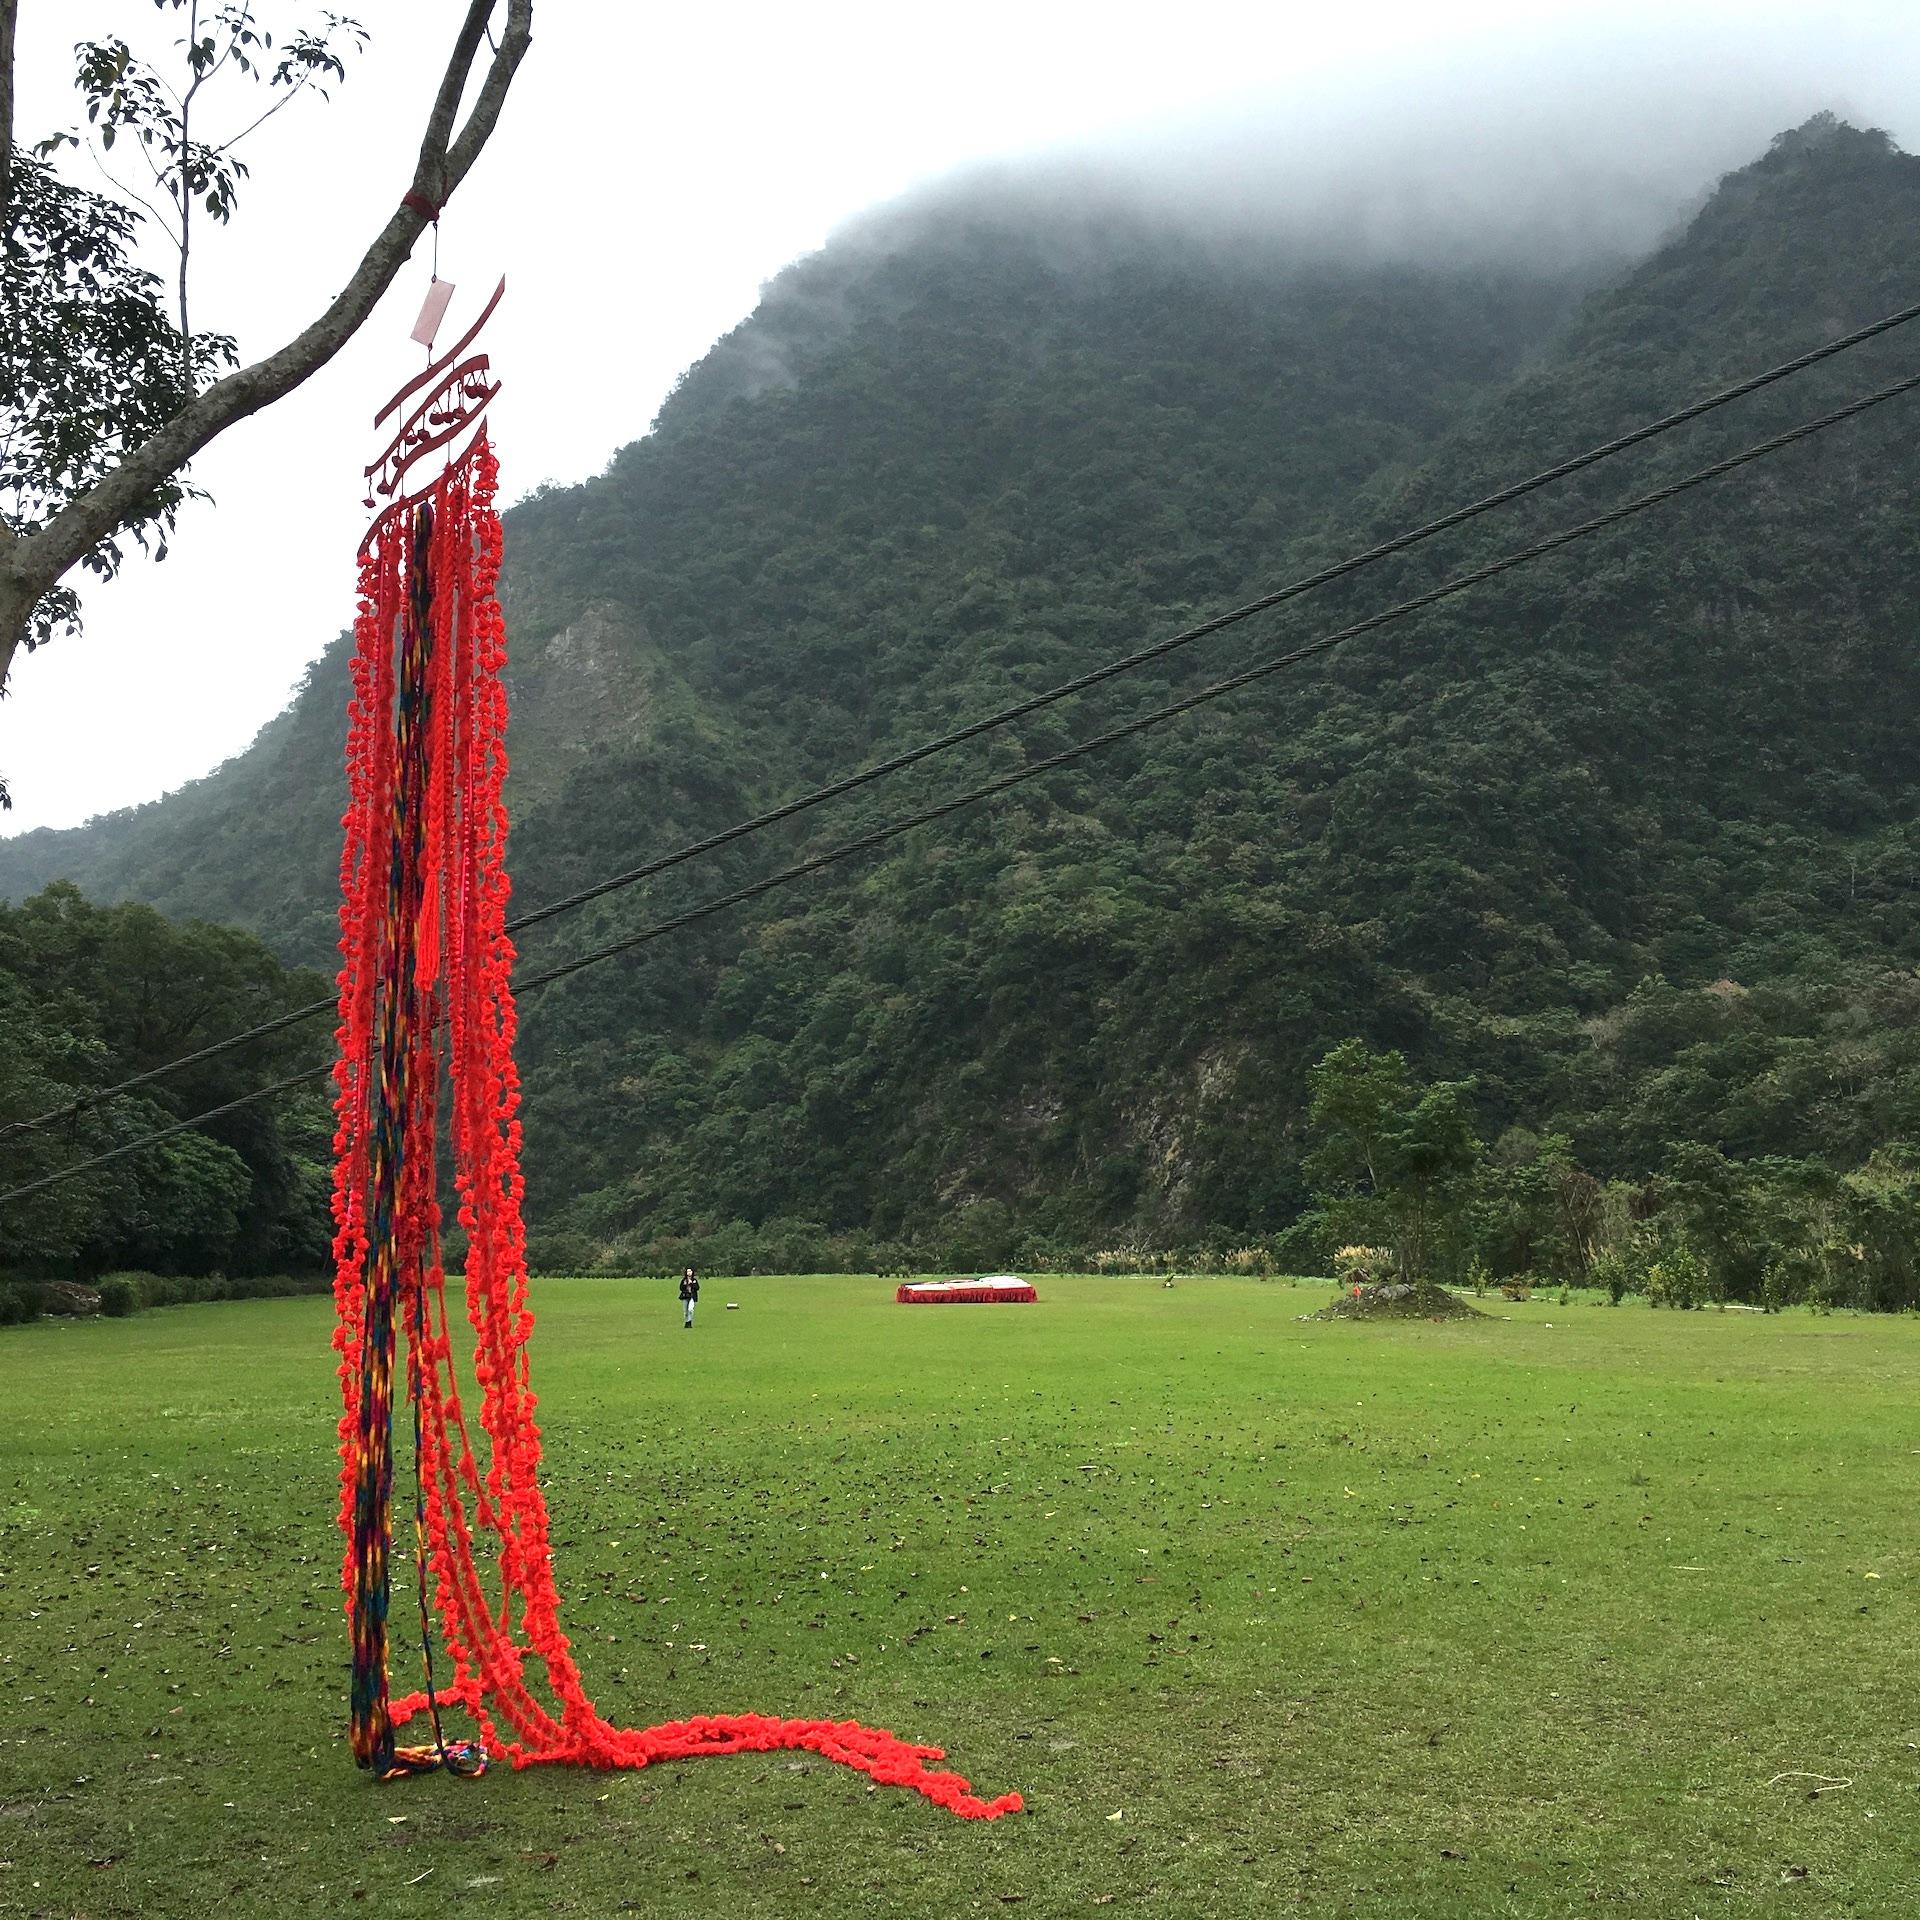 【博物之島新訊】雨霧、銅門、木瓜溪—第一屆「Phpah藝術聚」走訪速記